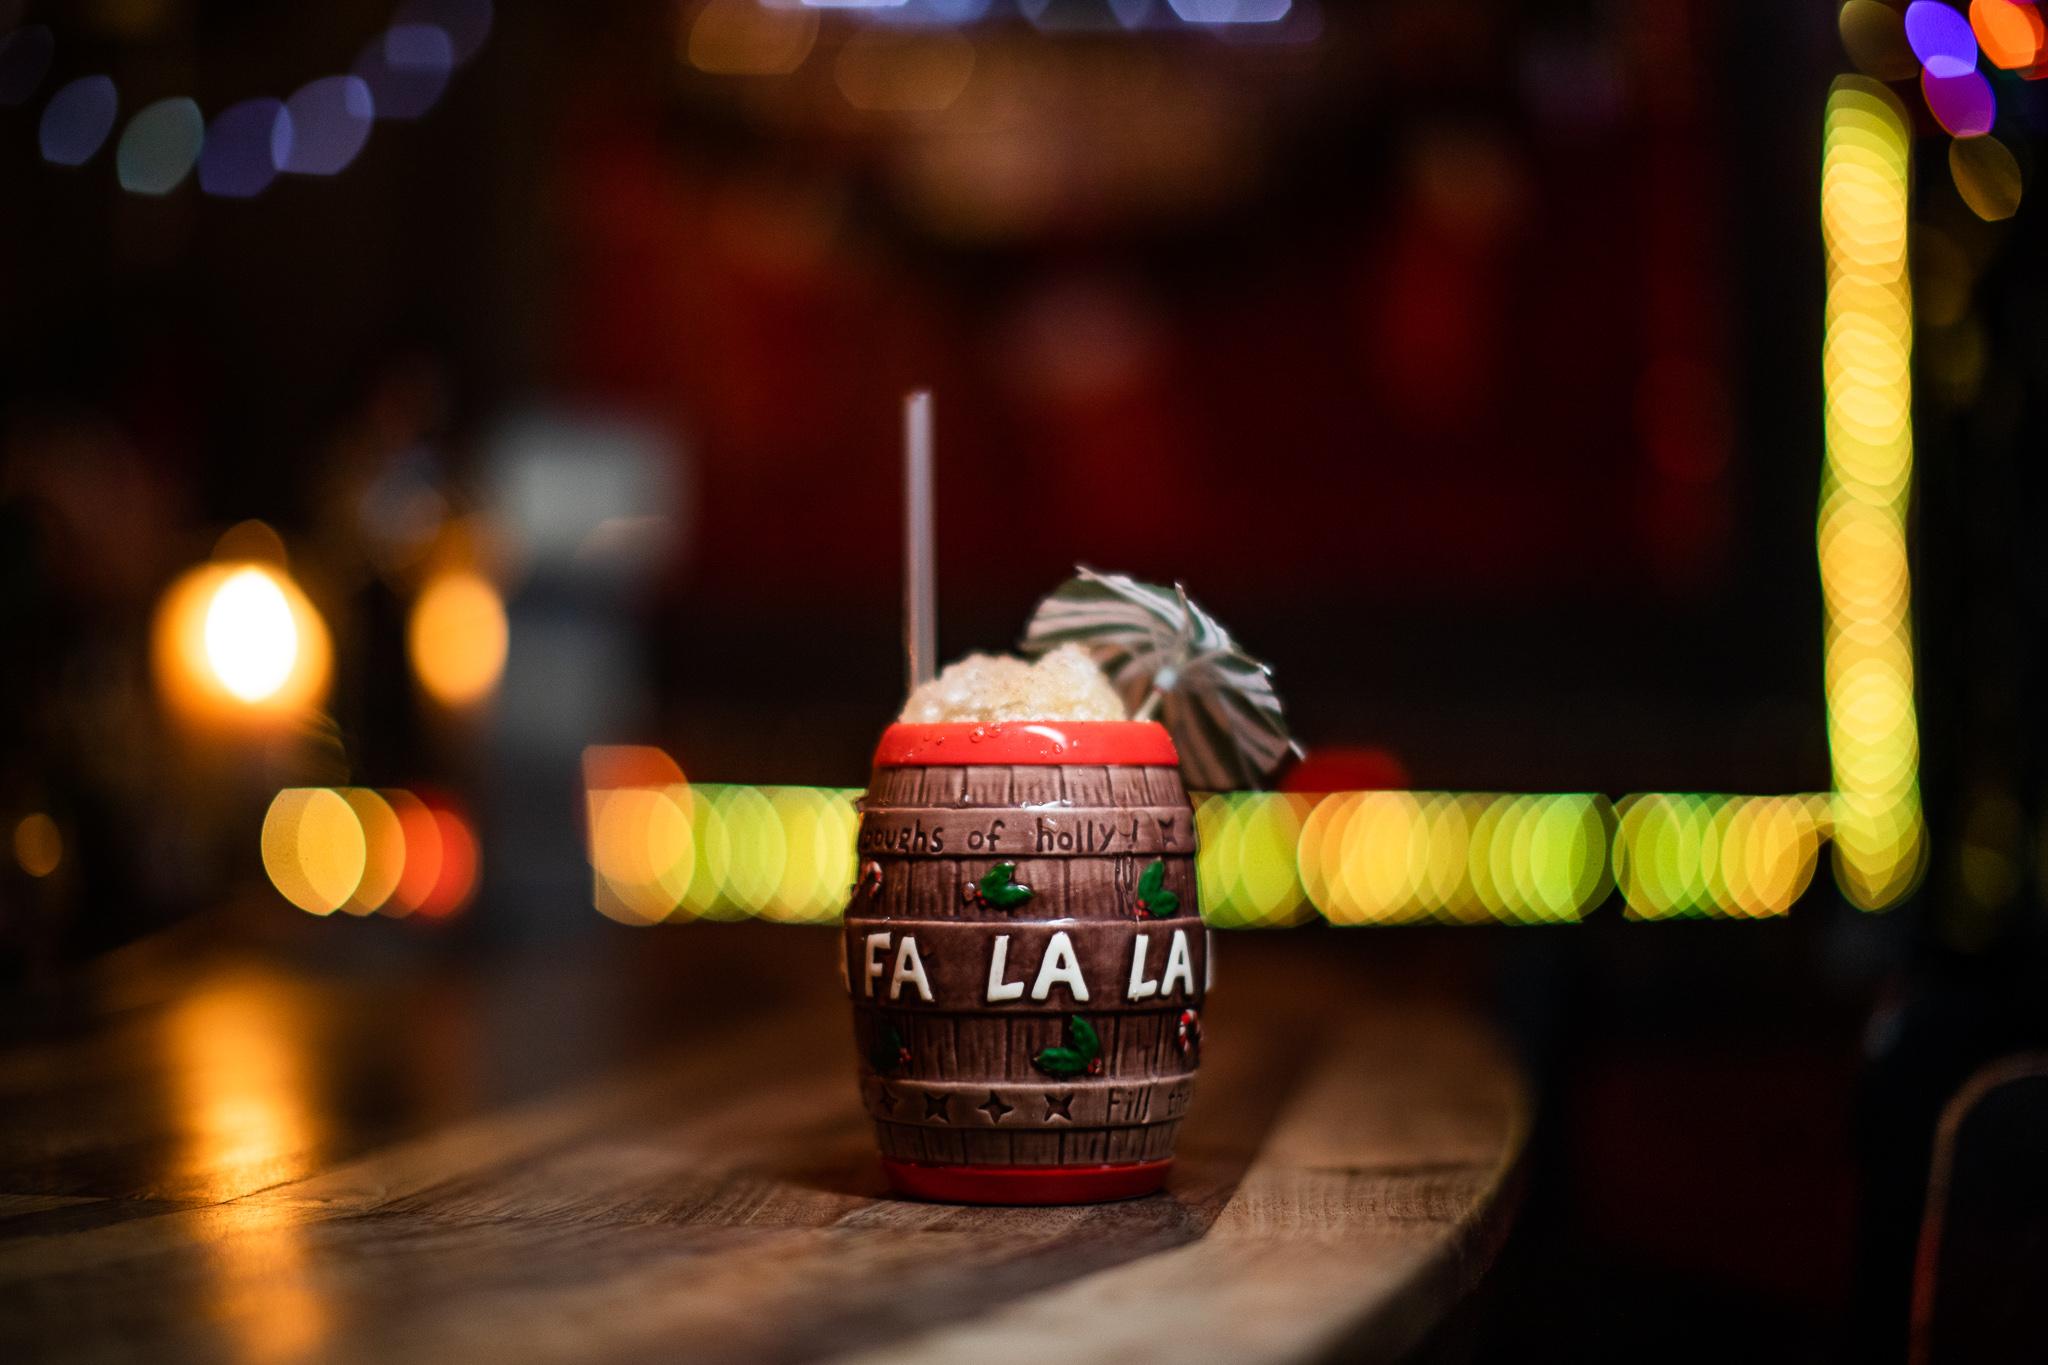 A cocktail on a bar in a decorative barrel mug that reads Fa La La La La.